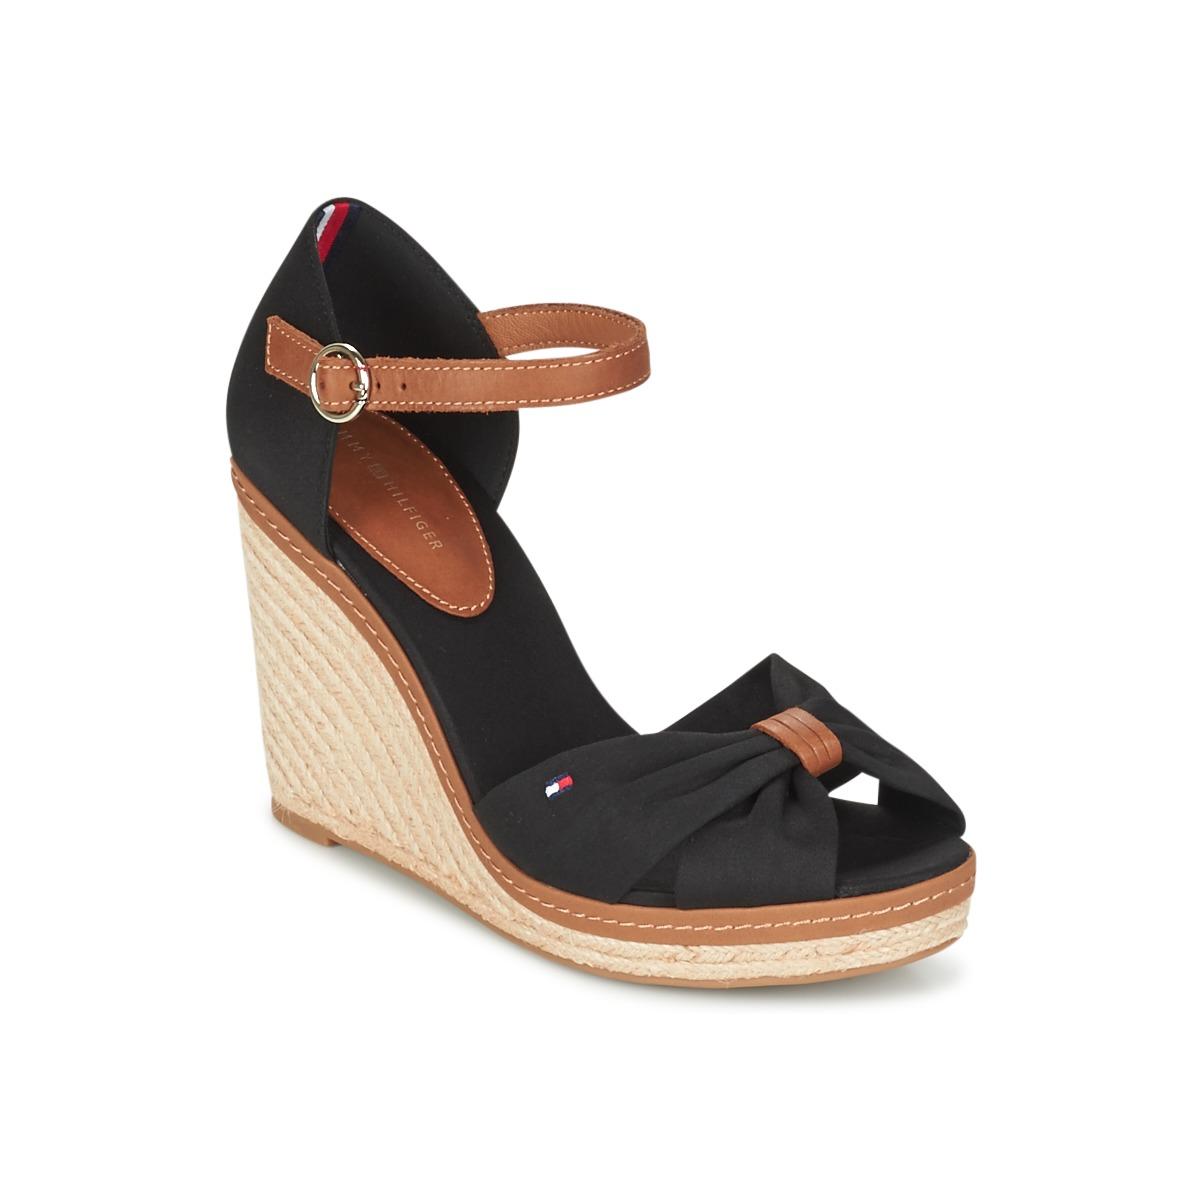 d2d7776c77a Chaussures Femme Sandales et Nu-pieds Tommy Hilfiger ELENA 56D Noir   Marron